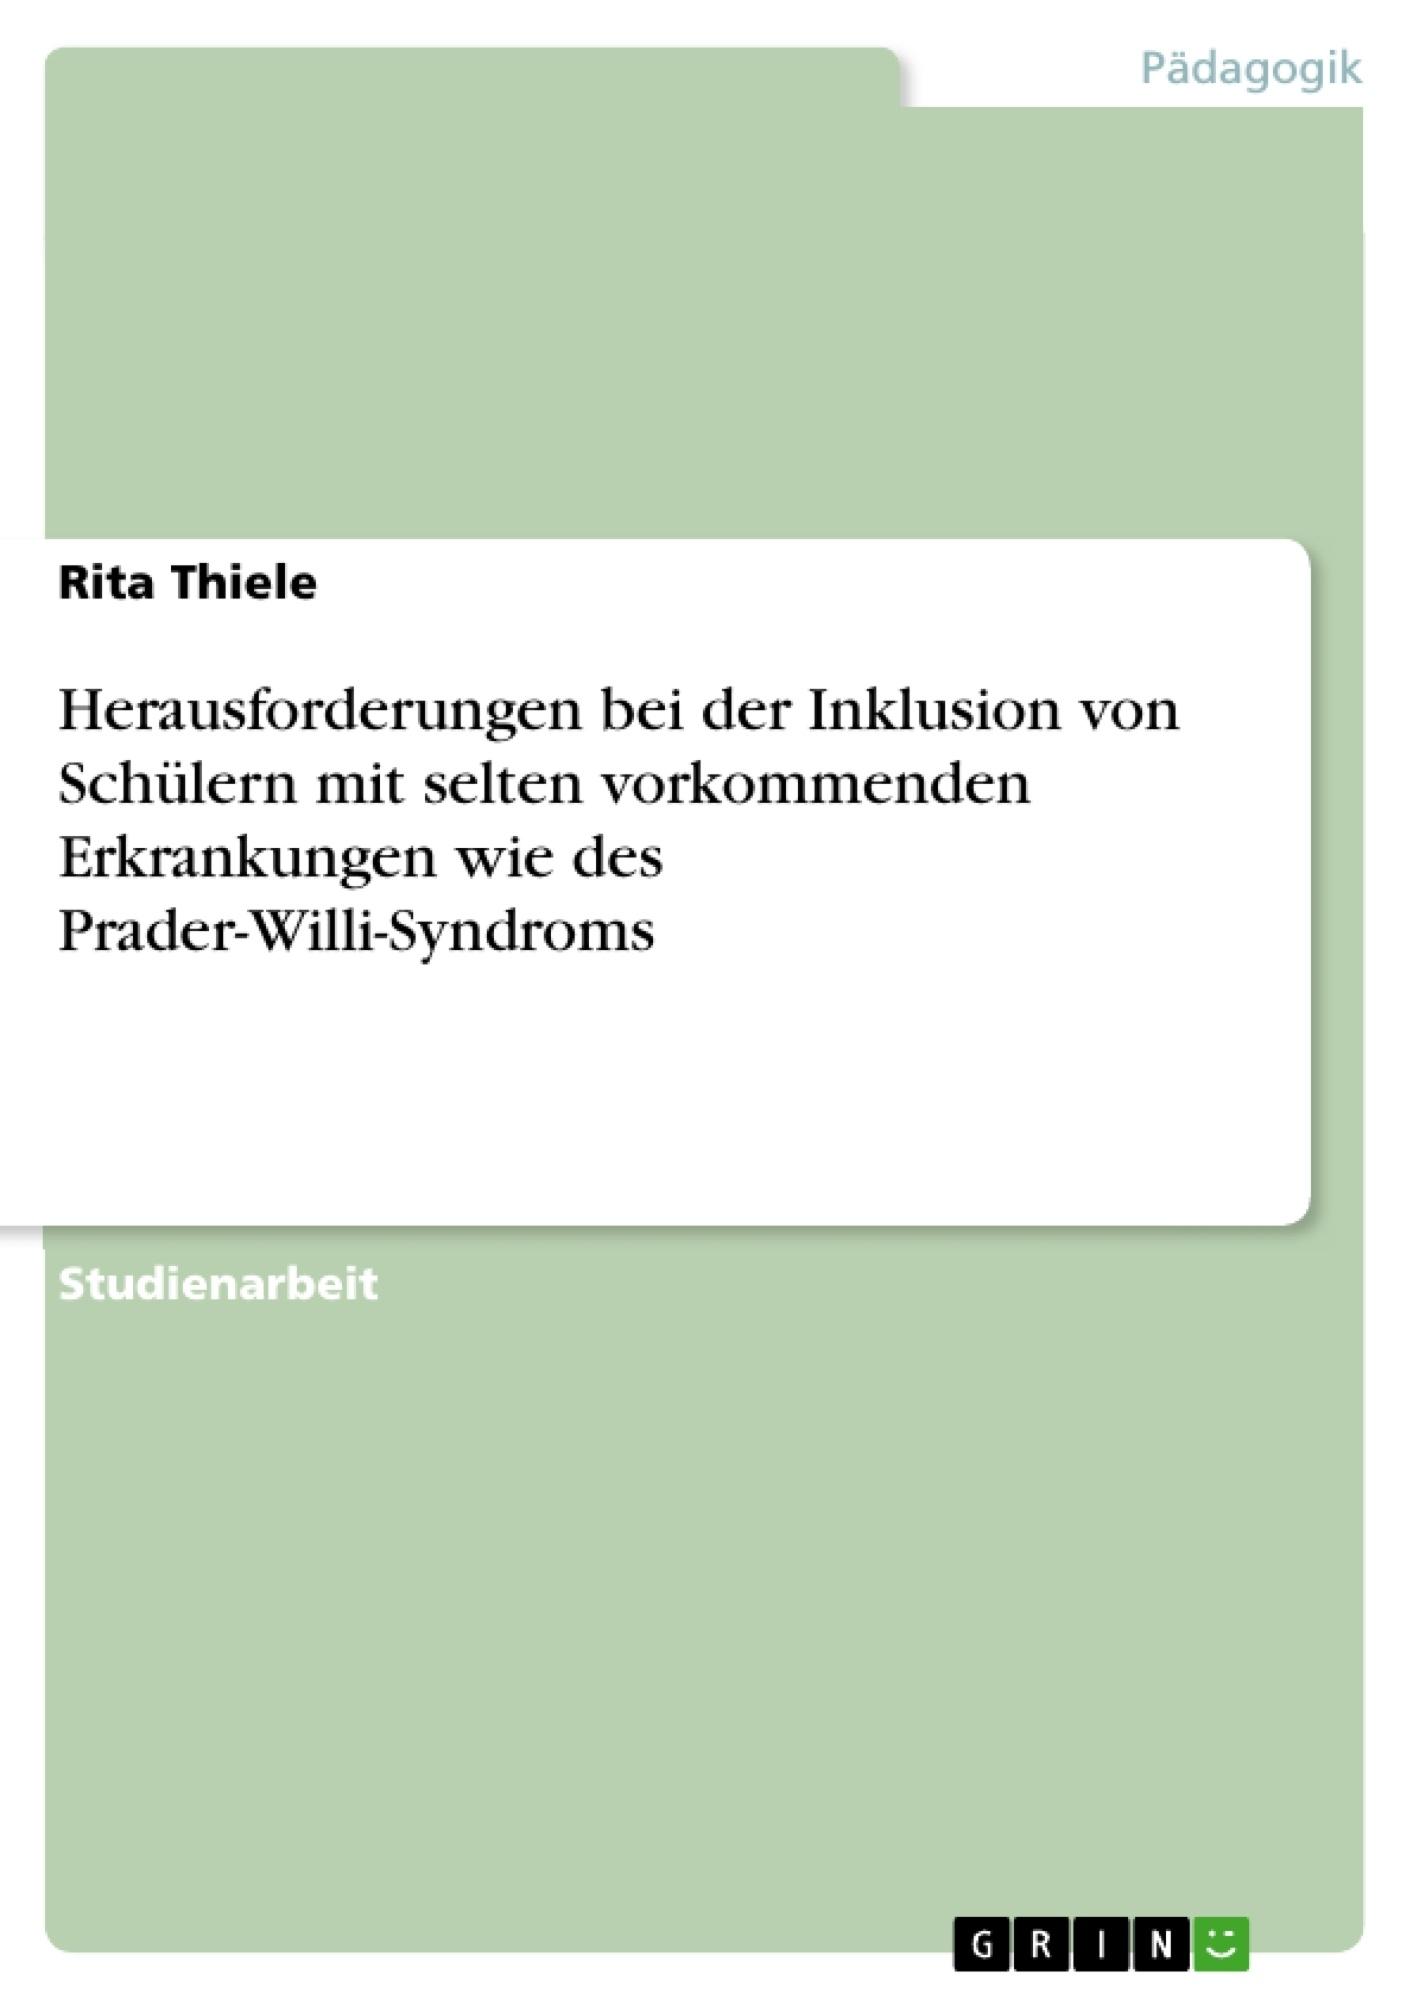 Erfreut Pws Vorlage Galerie - Beispiel Wiederaufnahme Vorlagen ...